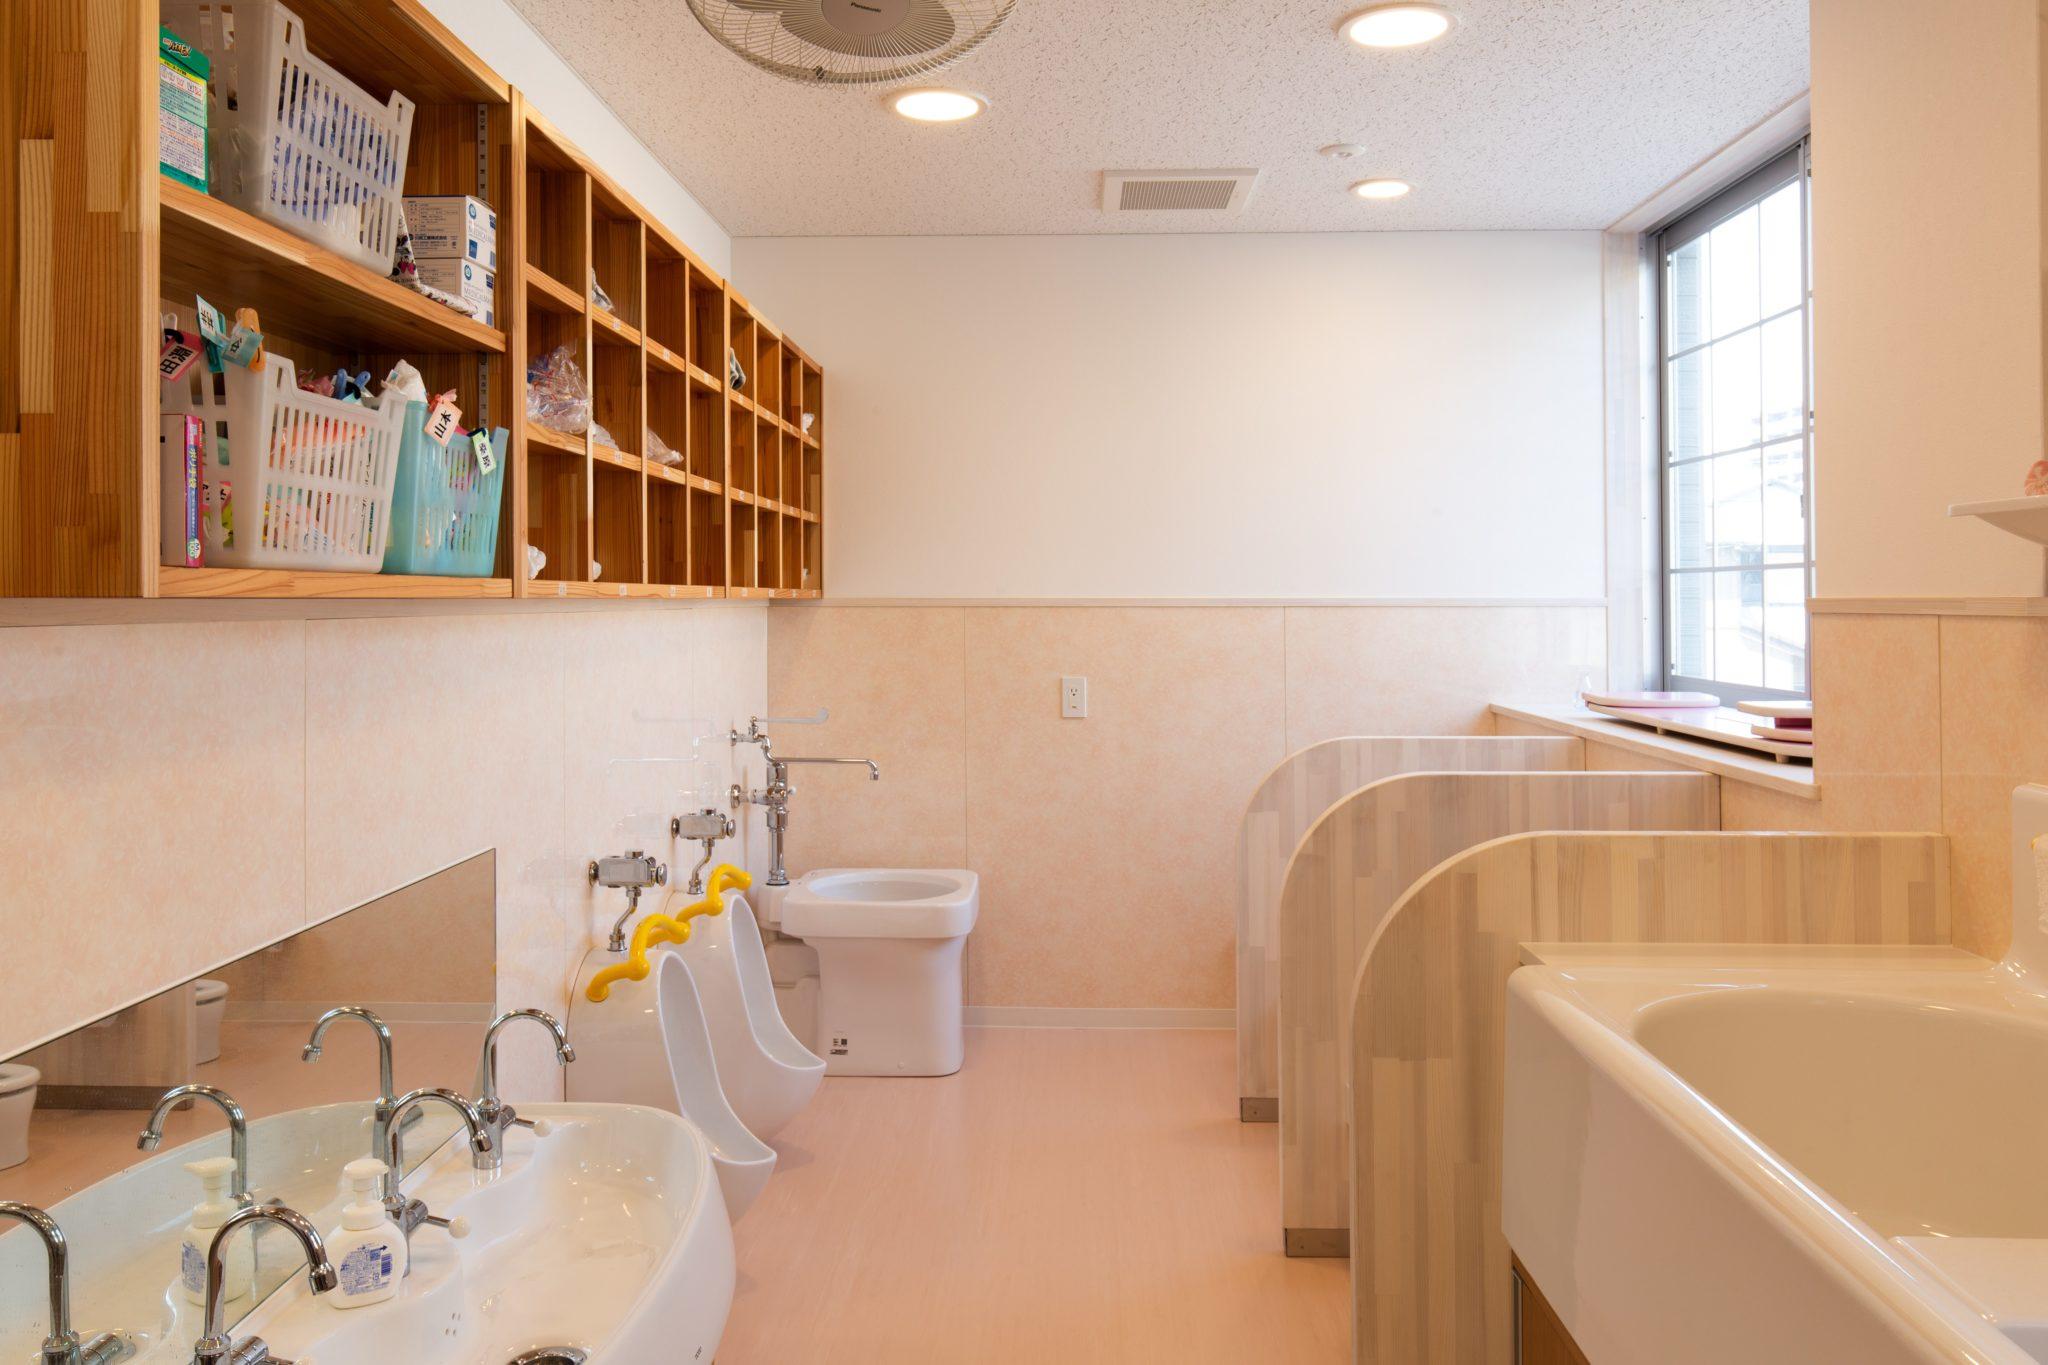 トイレ 検索性重視で棚は基本的にオープンに